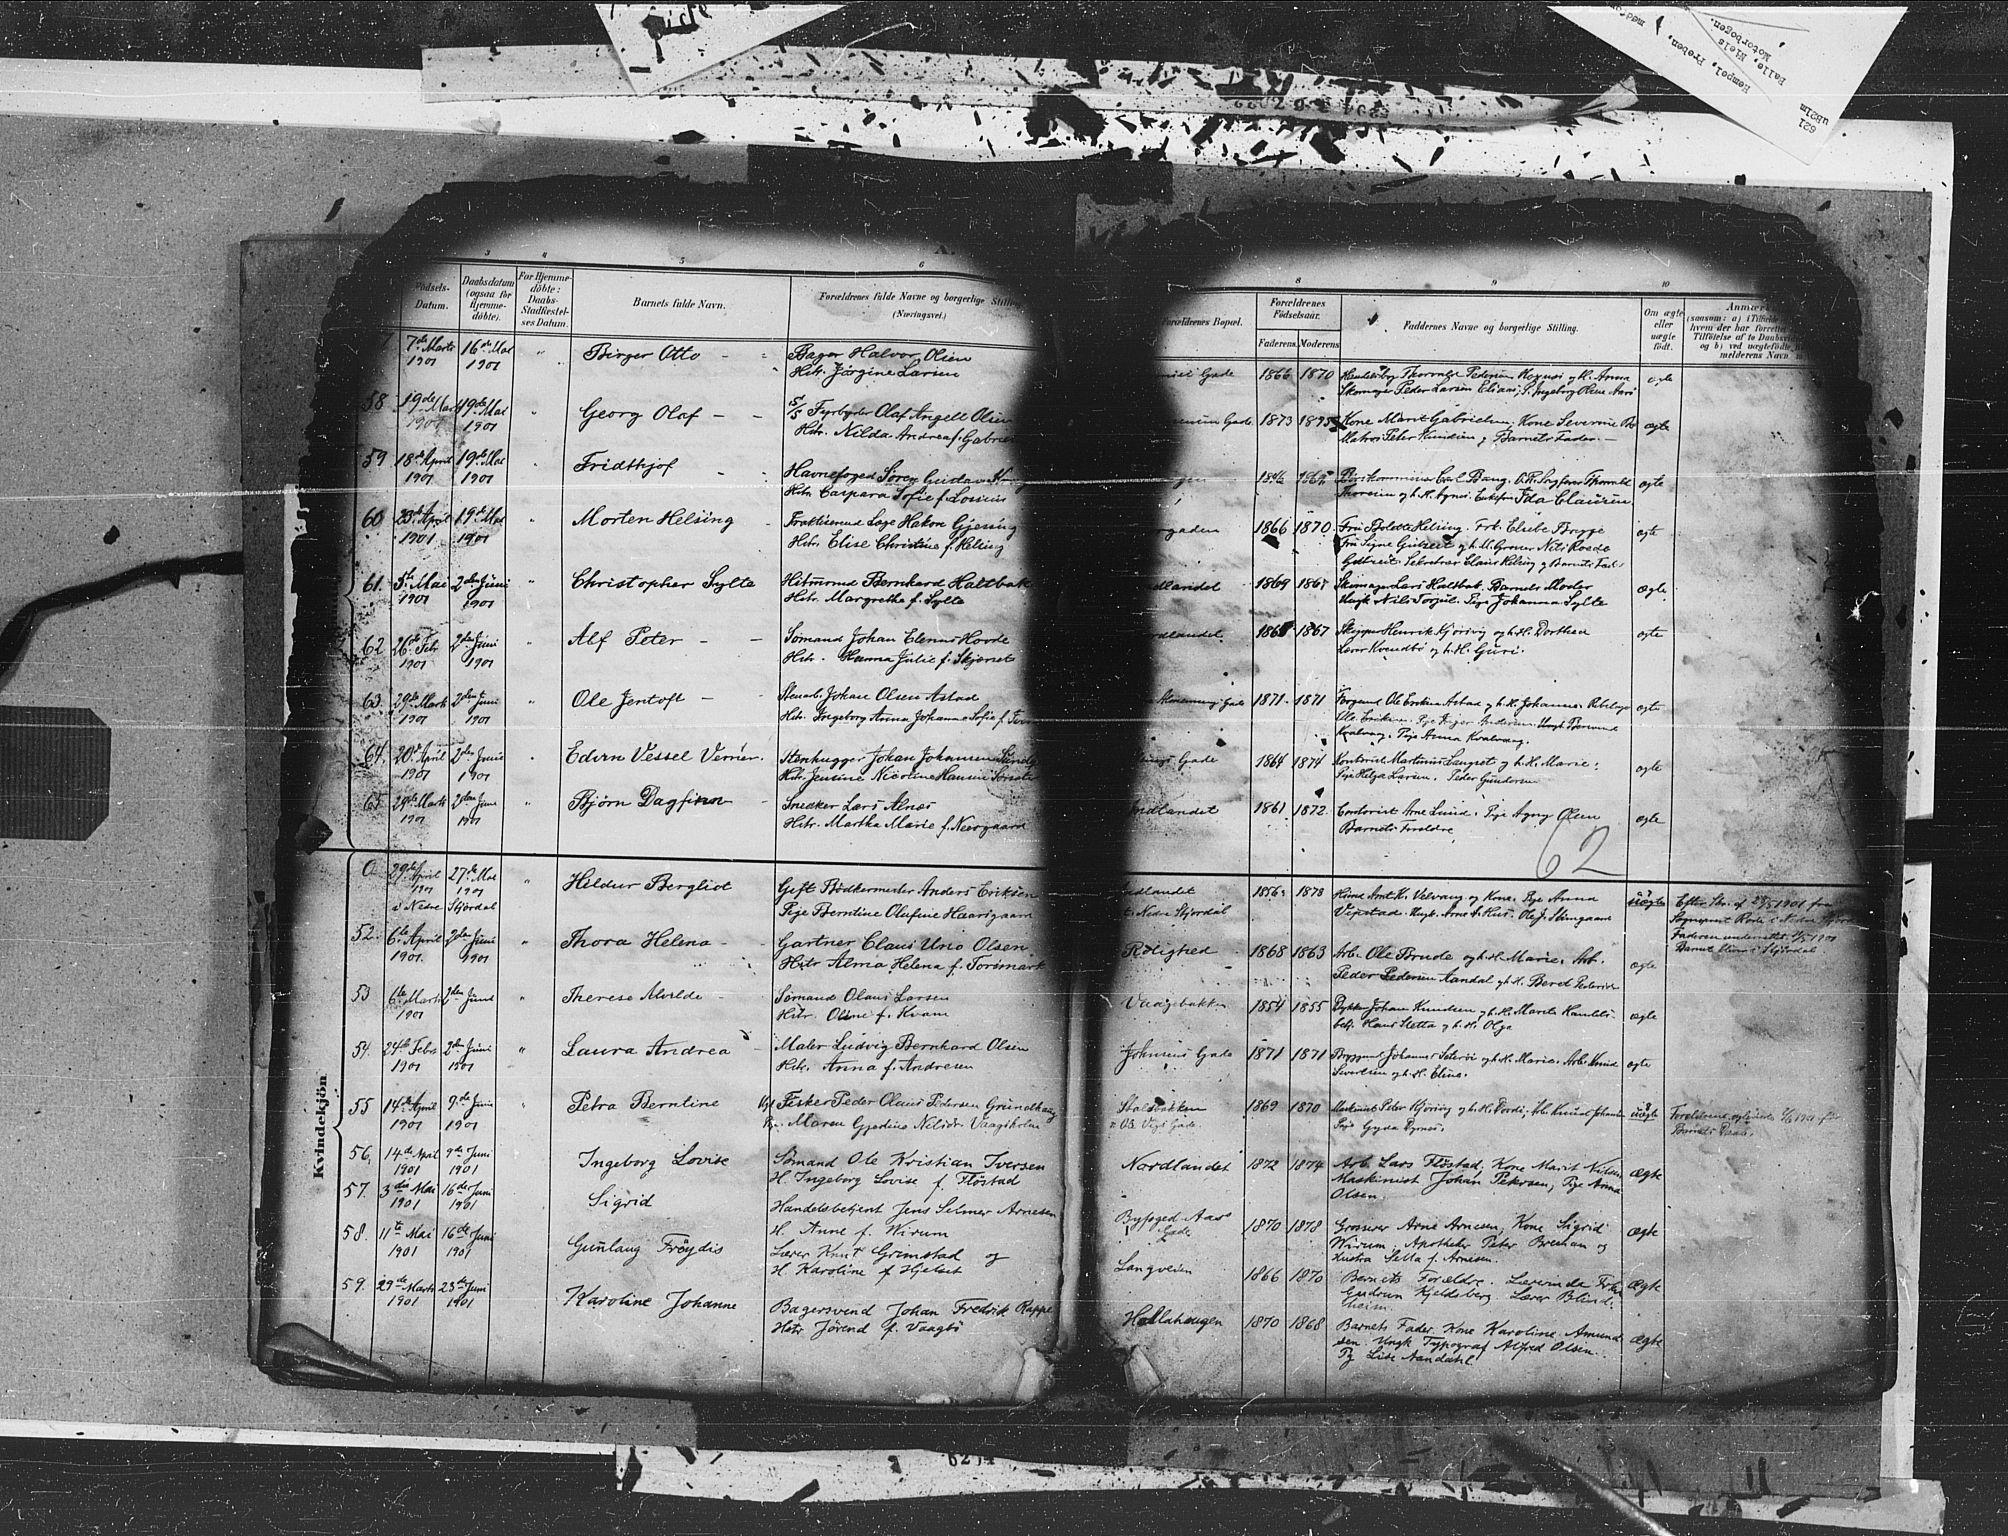 SAT, Ministerialprotokoller, klokkerbøker og fødselsregistre - Møre og Romsdal, 572/L0855: Ministerialbok nr. 572A18, 1898-1913, s. 62